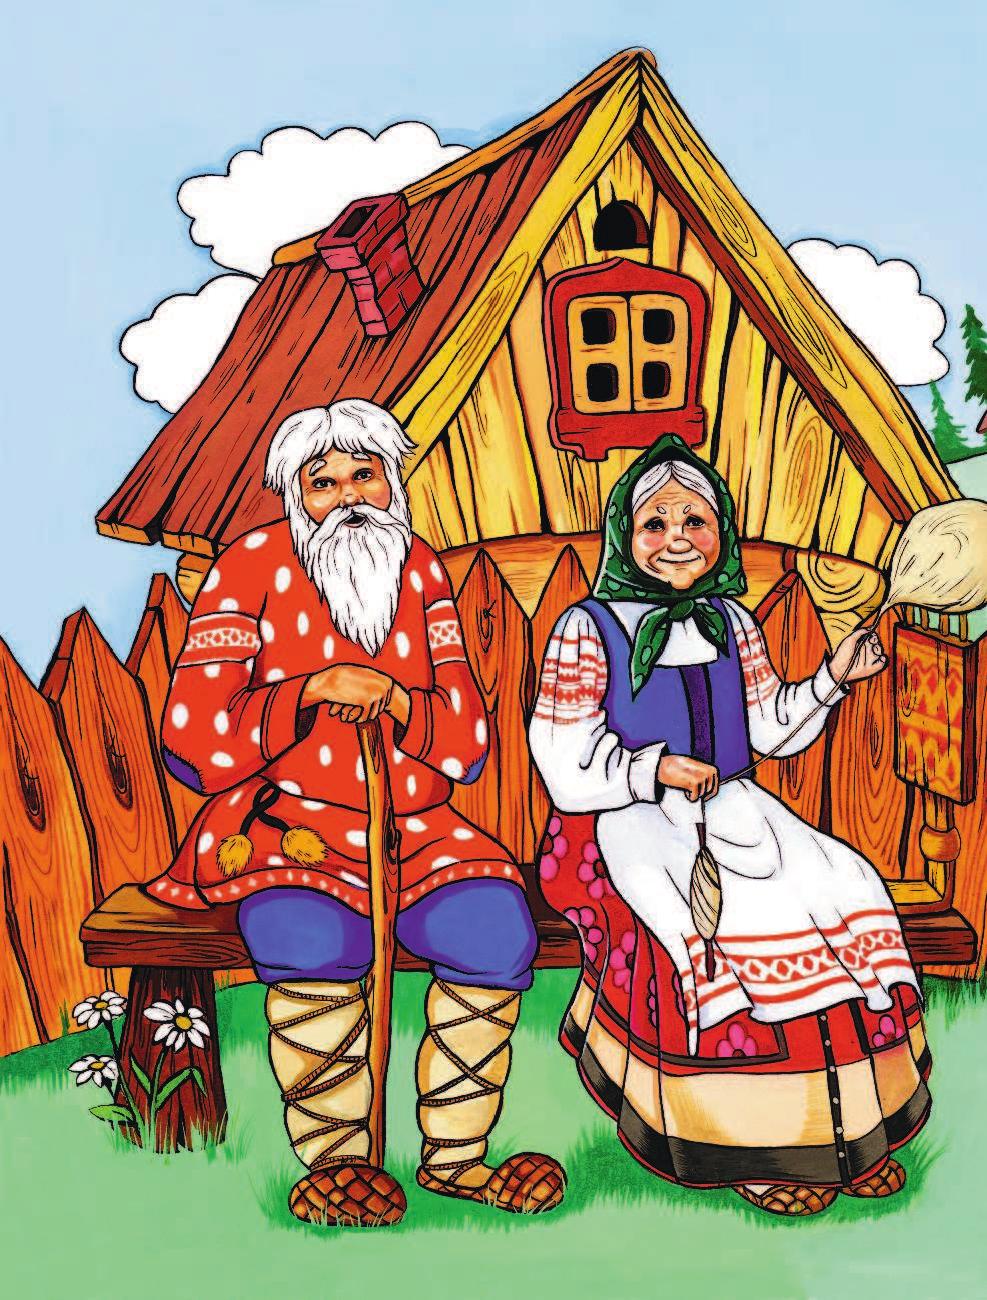 Картинки с русскими народными сказками для детей, победы мая картинки